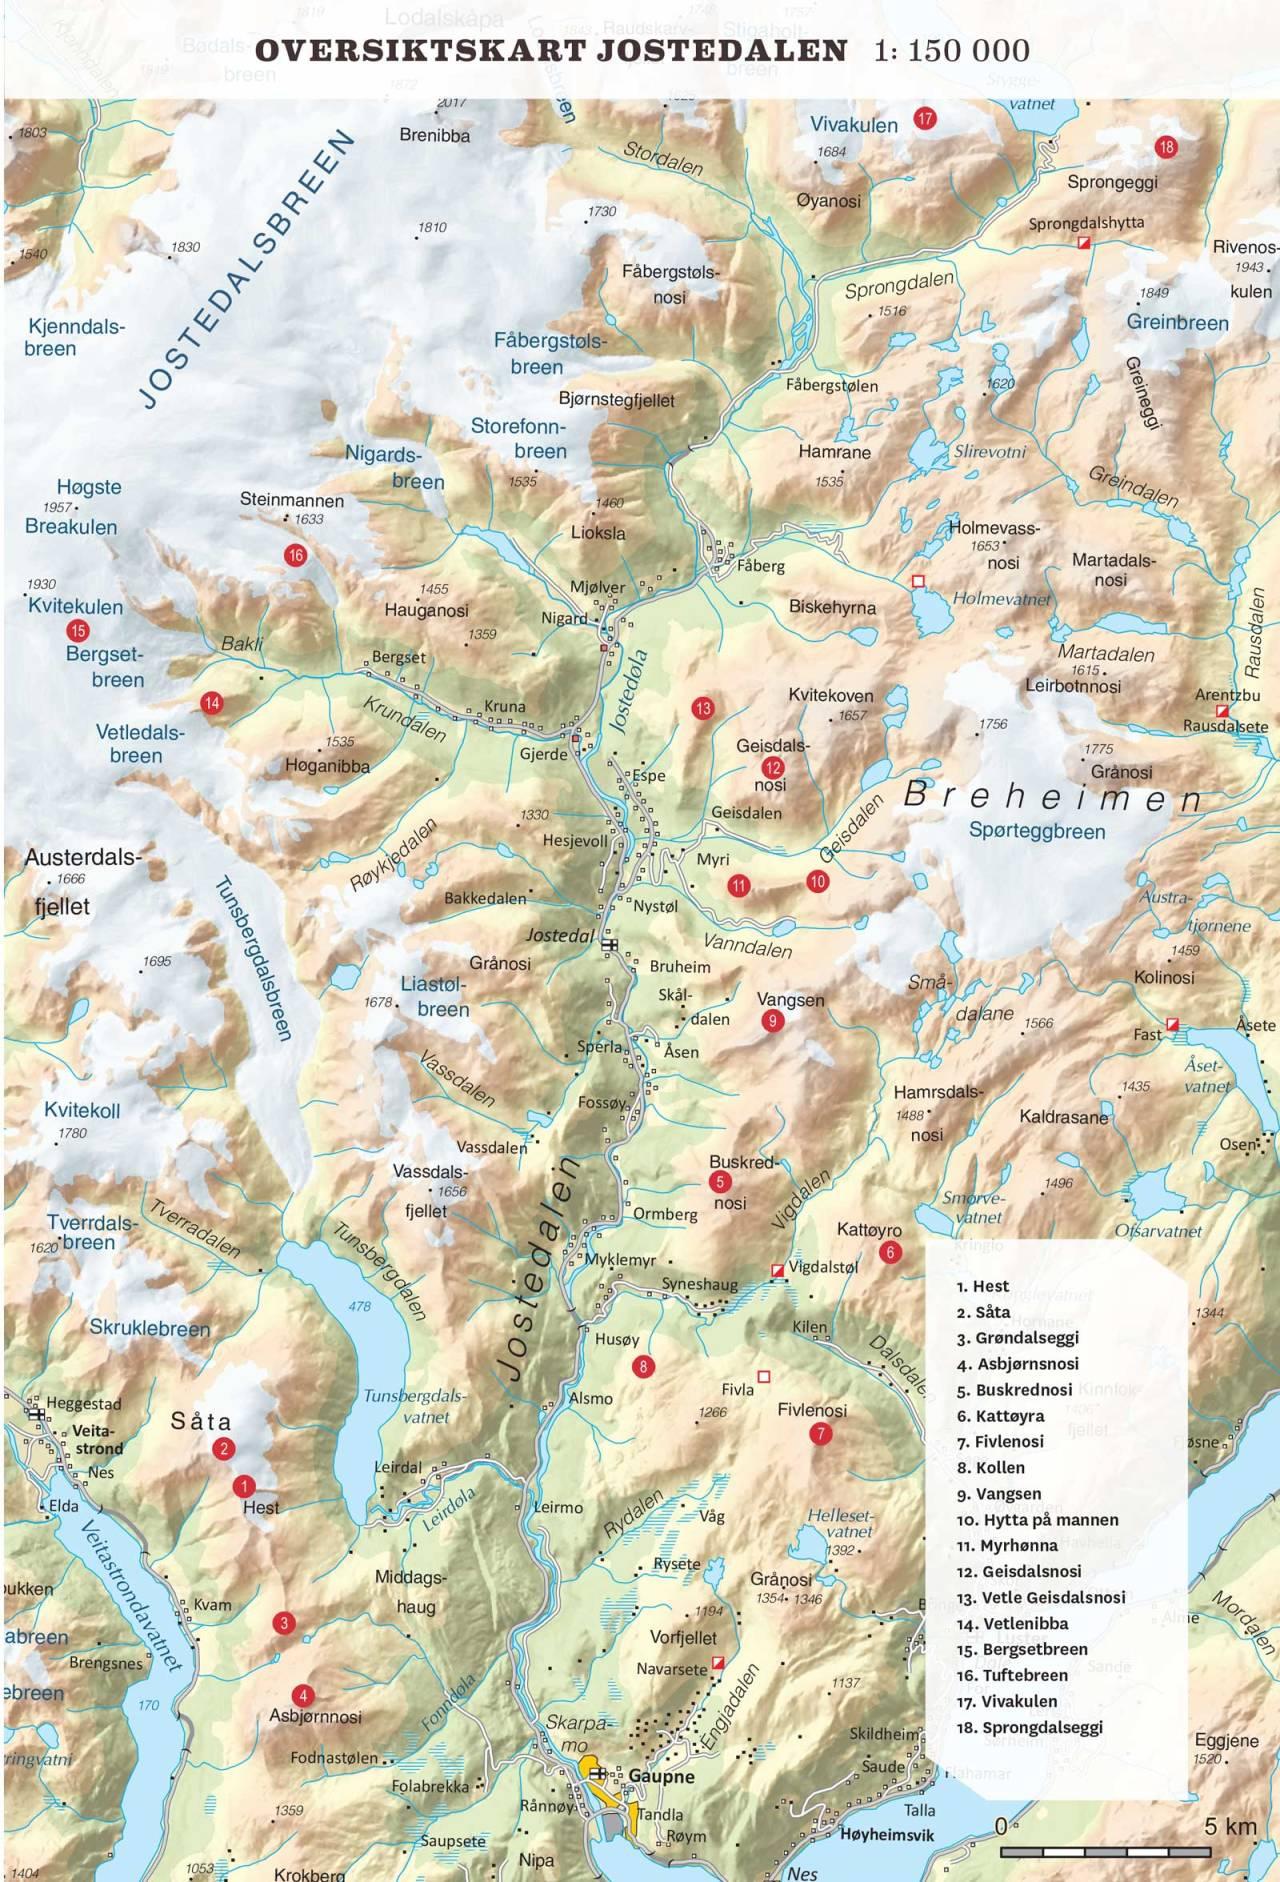 Oversiktskart over Vangsen. Toppturar i Sogn.